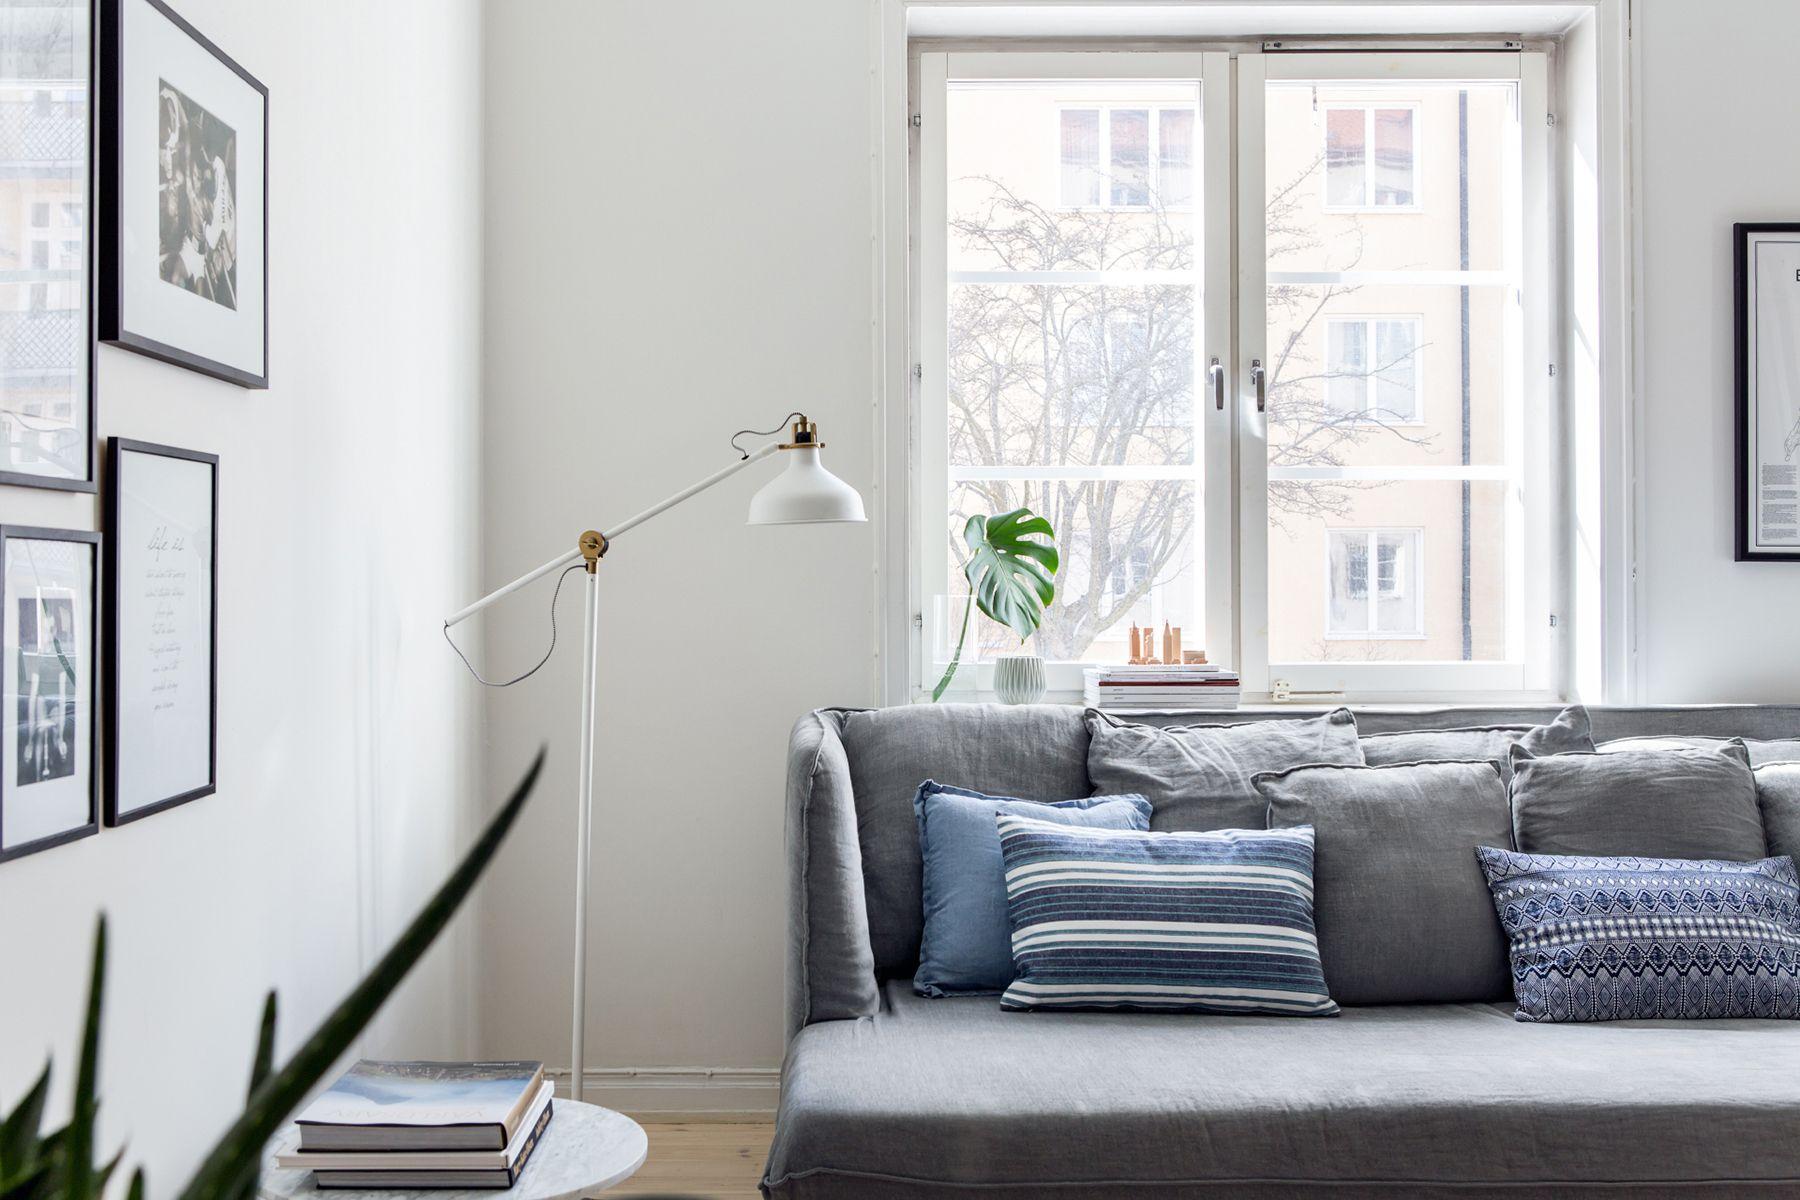 Scandinavian Living Room With Grey Sofa Top 10 Tips For Adding Scandinavian Living Room Without Sofa Scandinavian Design Living Room Living Room Scandinavian